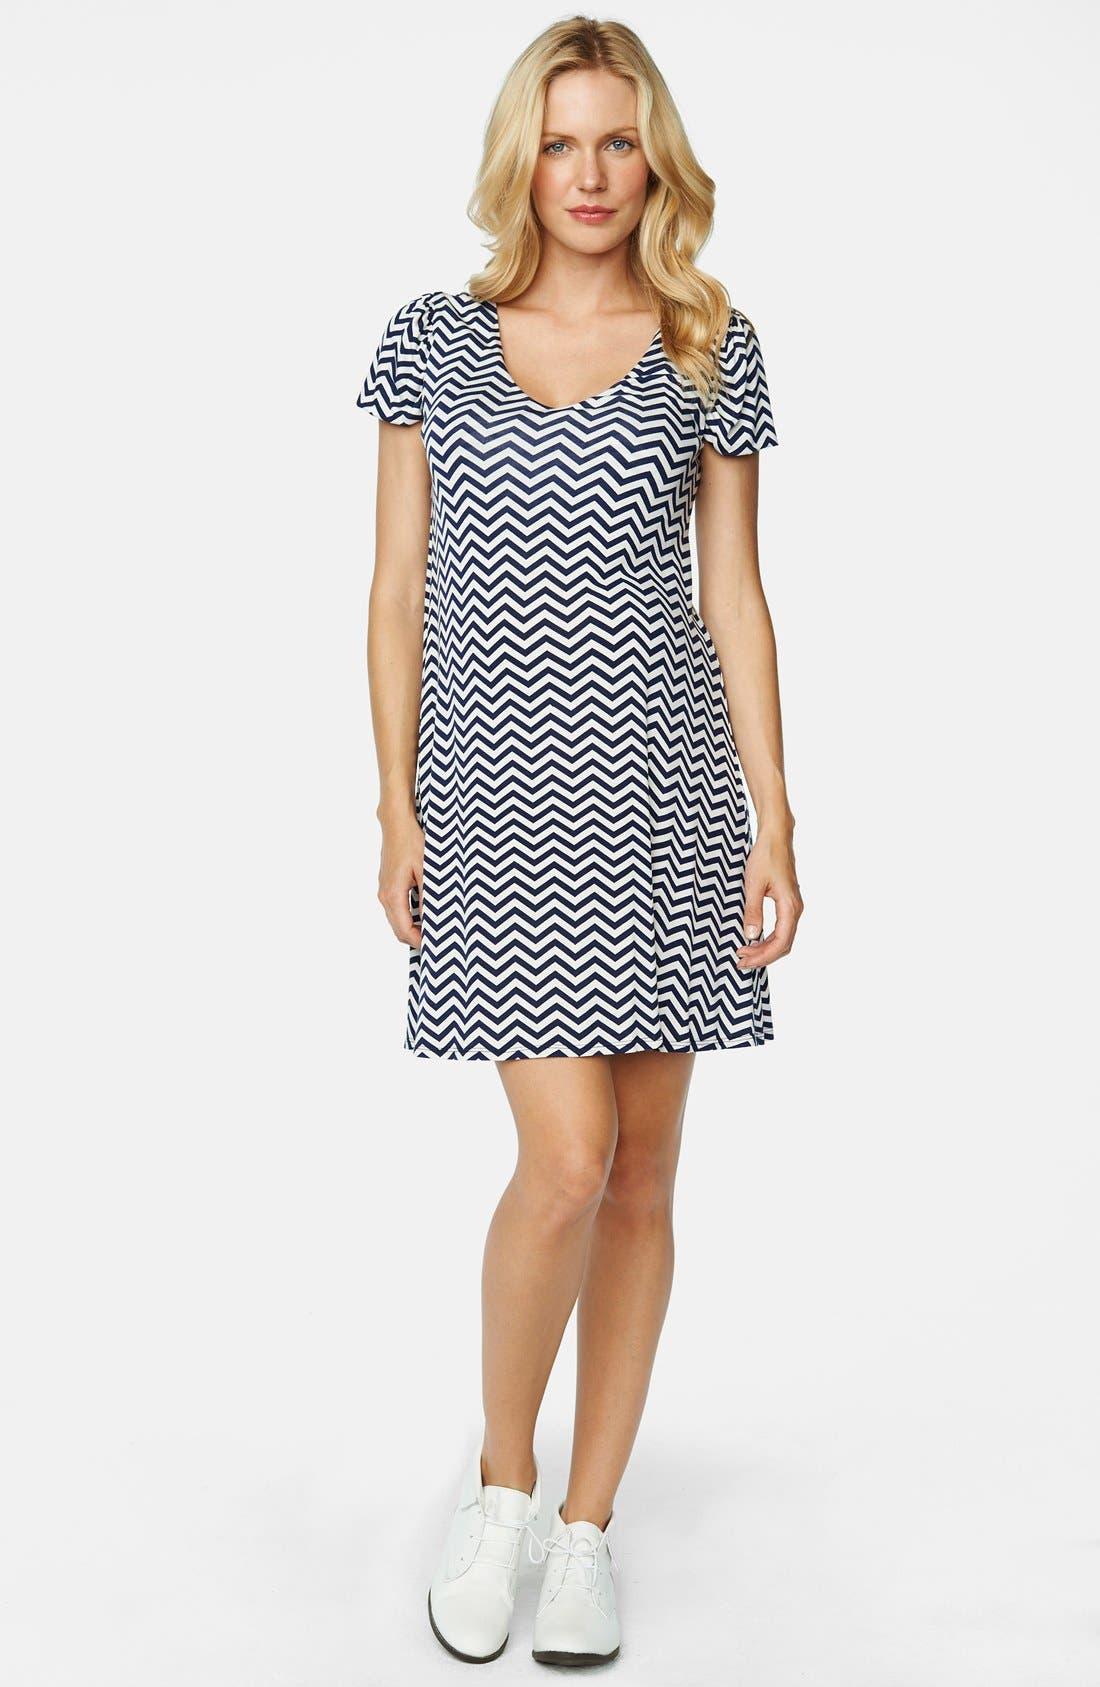 Bow Back Maternity Dress,                         Main,                         color, Navy Zig Zag